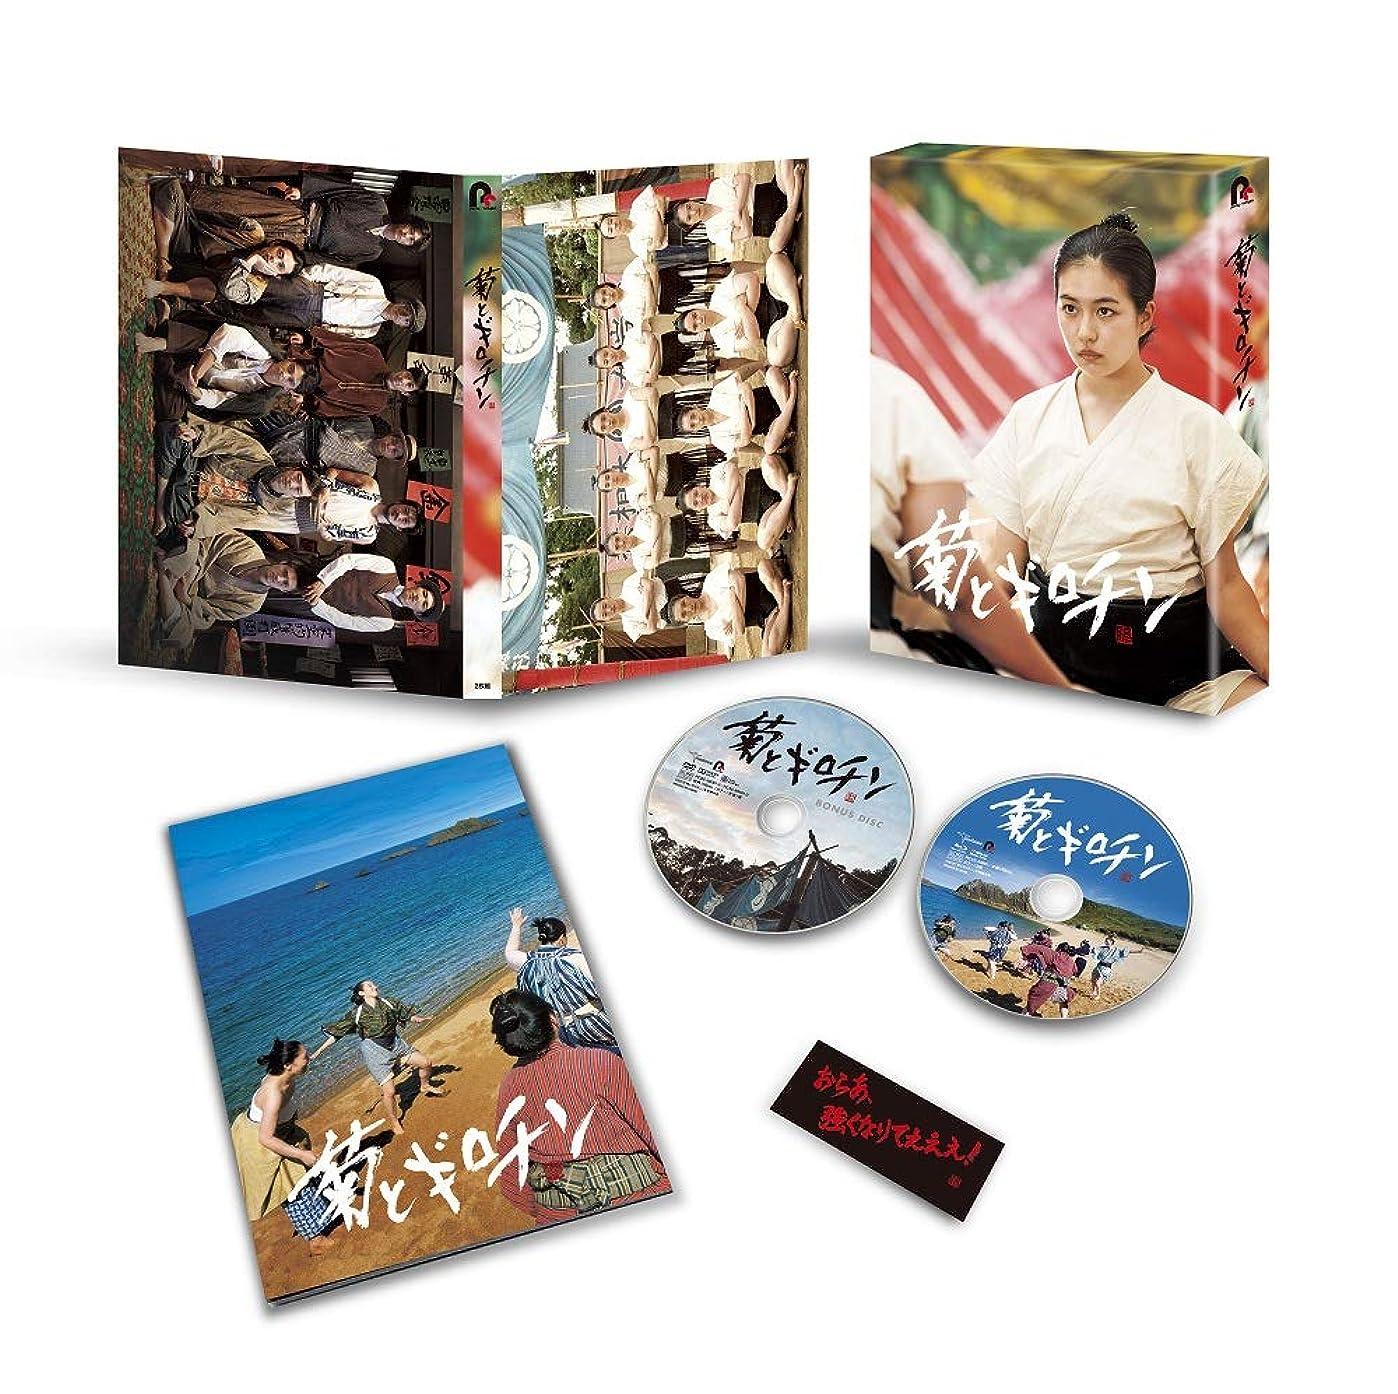 原子囲まれたレーザ【Amazon.co.jp限定】菊とギロチン[Blu-ray](L判ビジュアルシート5枚セット付き)